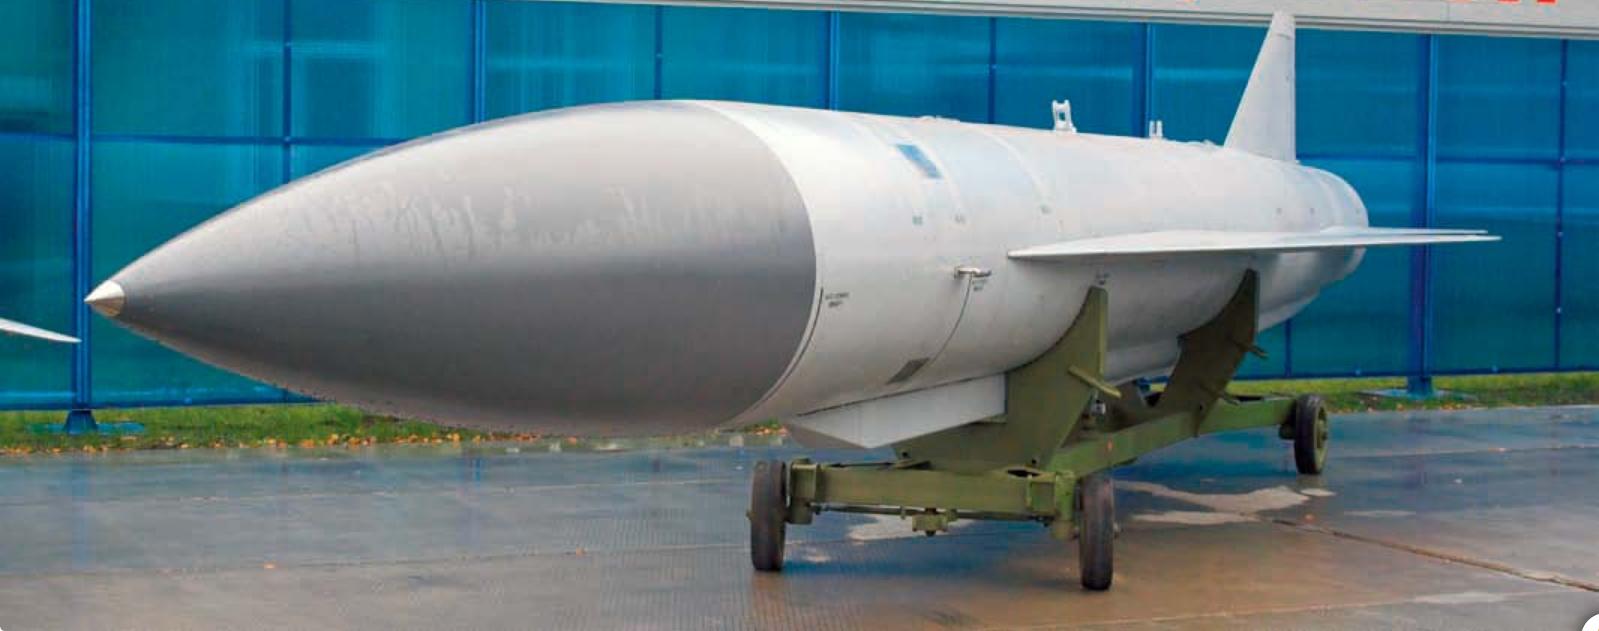 raketa_h-22.jpg